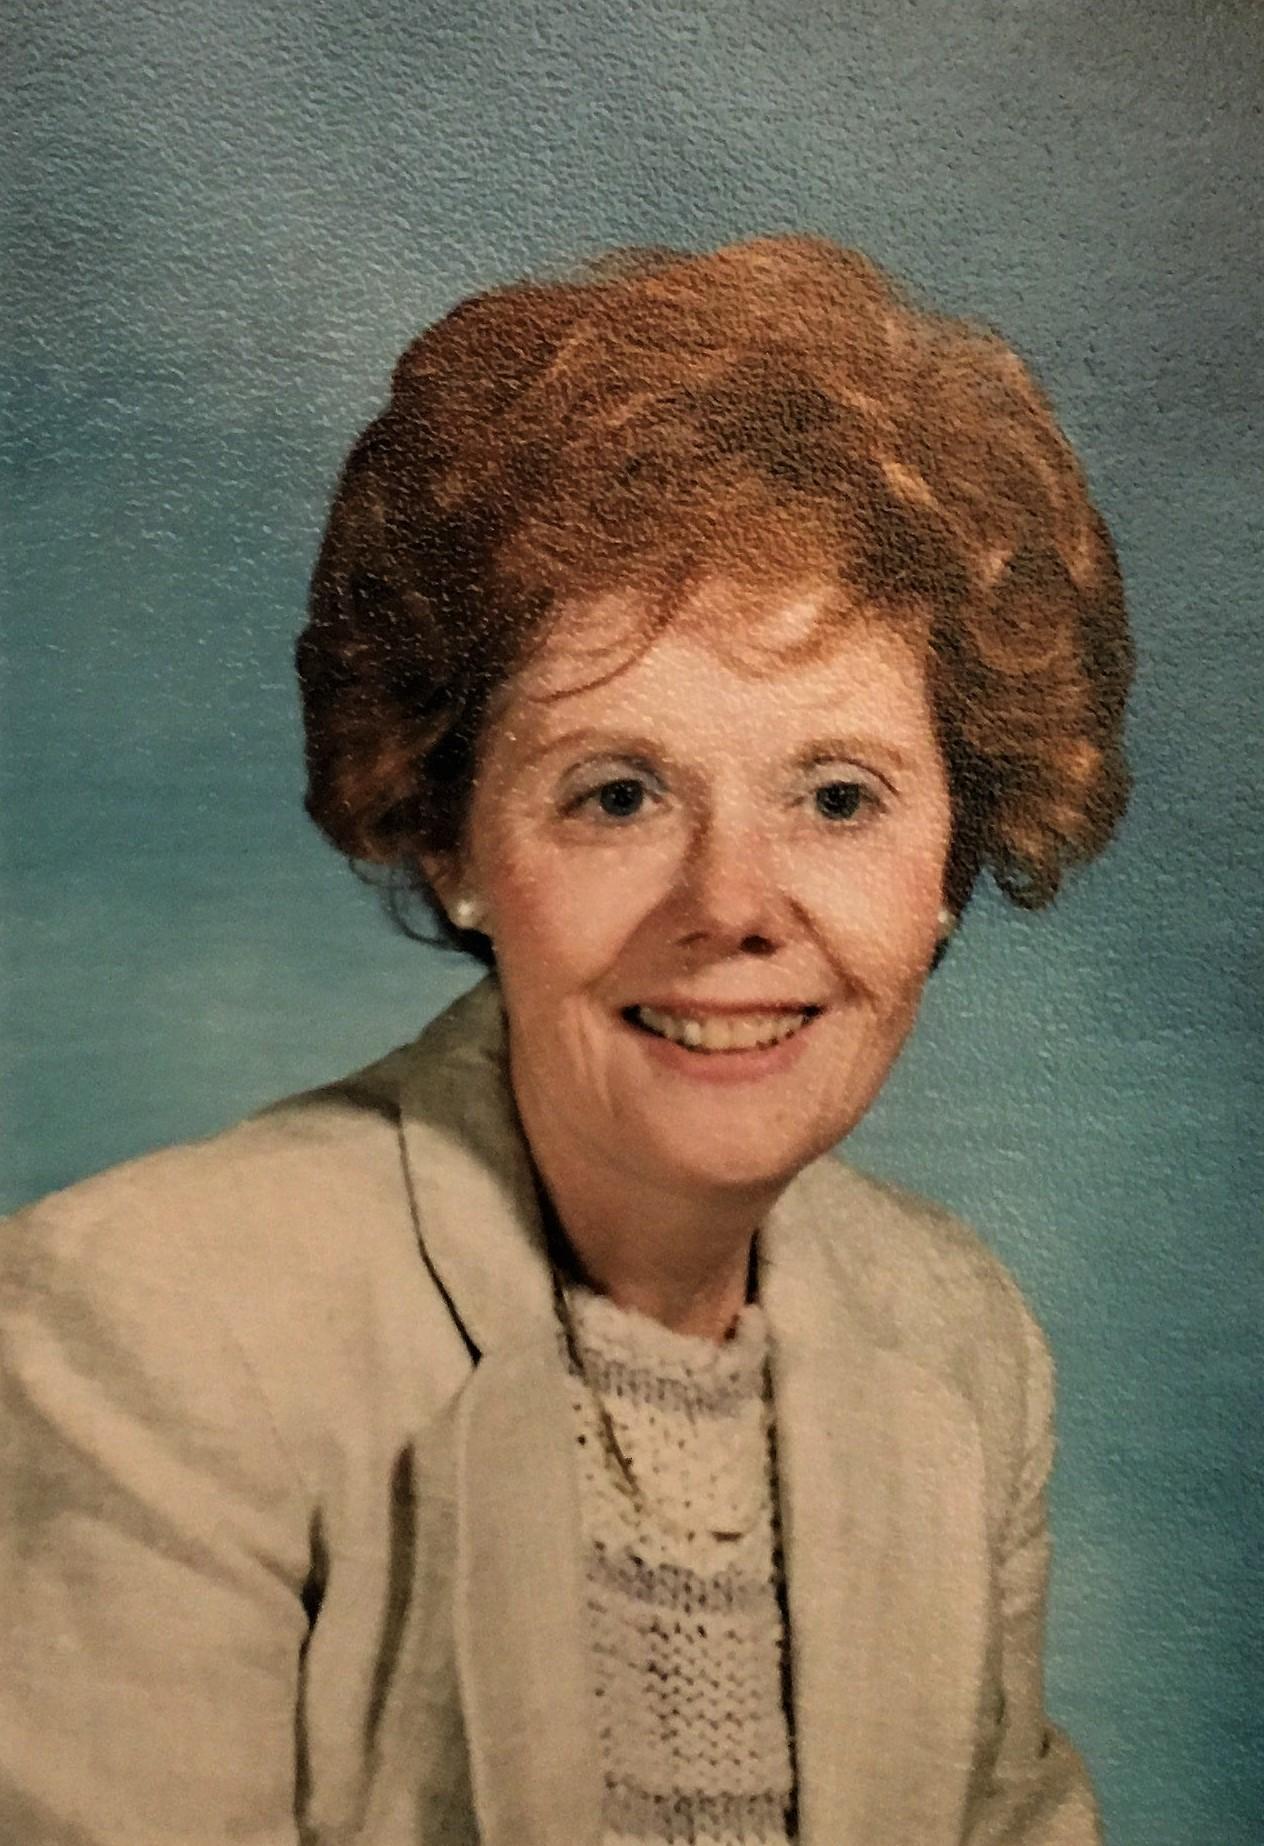 Marilyn B. Goffi